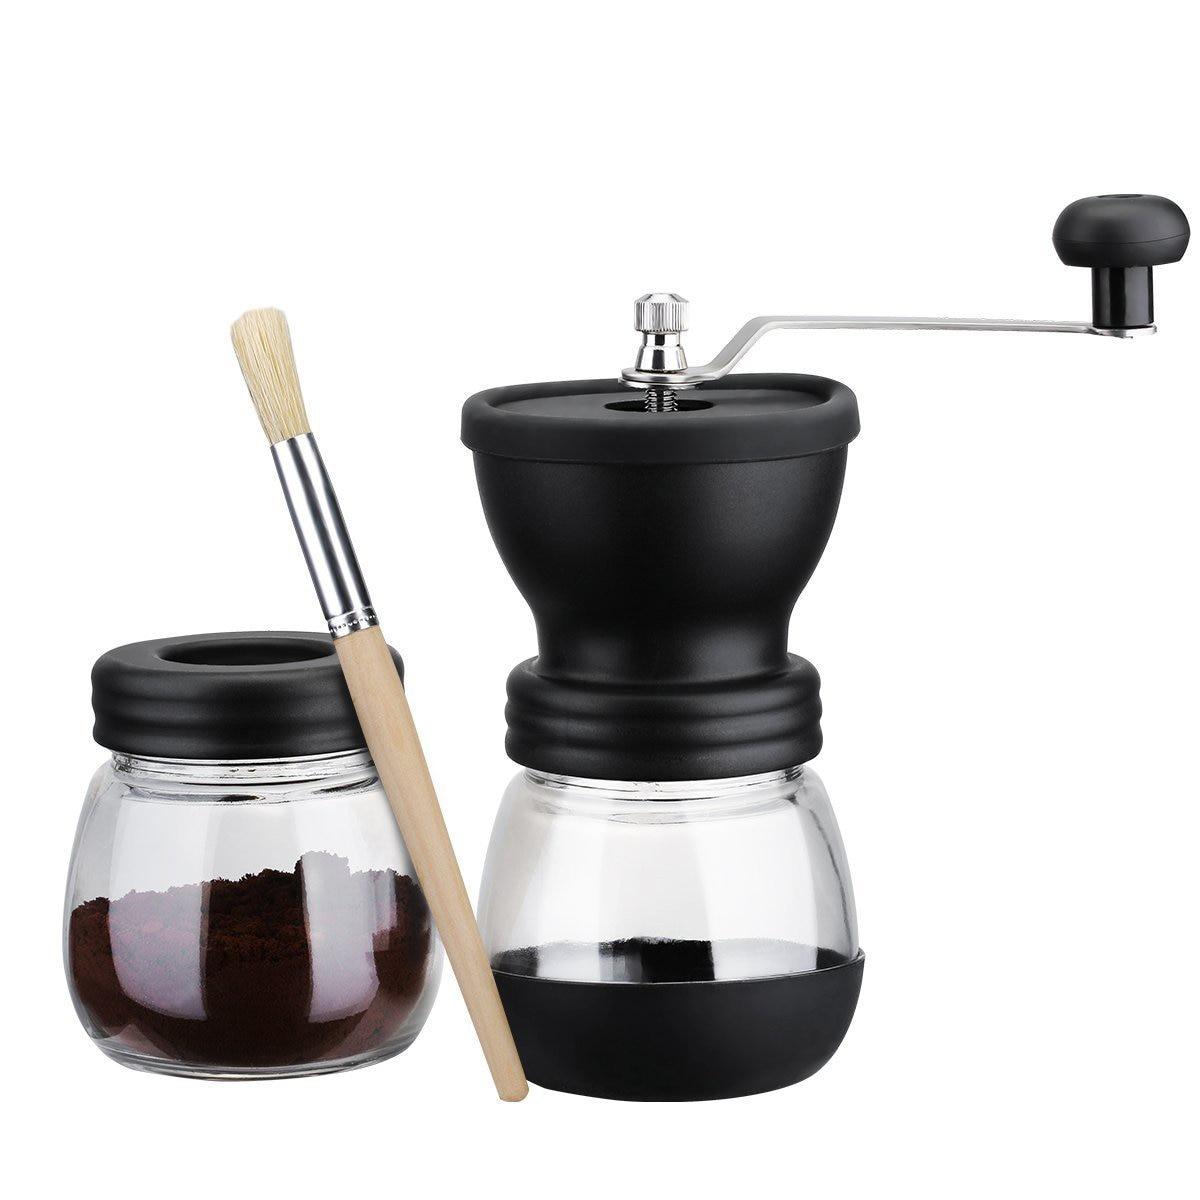 Manual do Moedor de Café QUENTE com Armazenamento Jar escova Macia Cónico Da Rebarba de Cerâmica Silencioso e Portátil